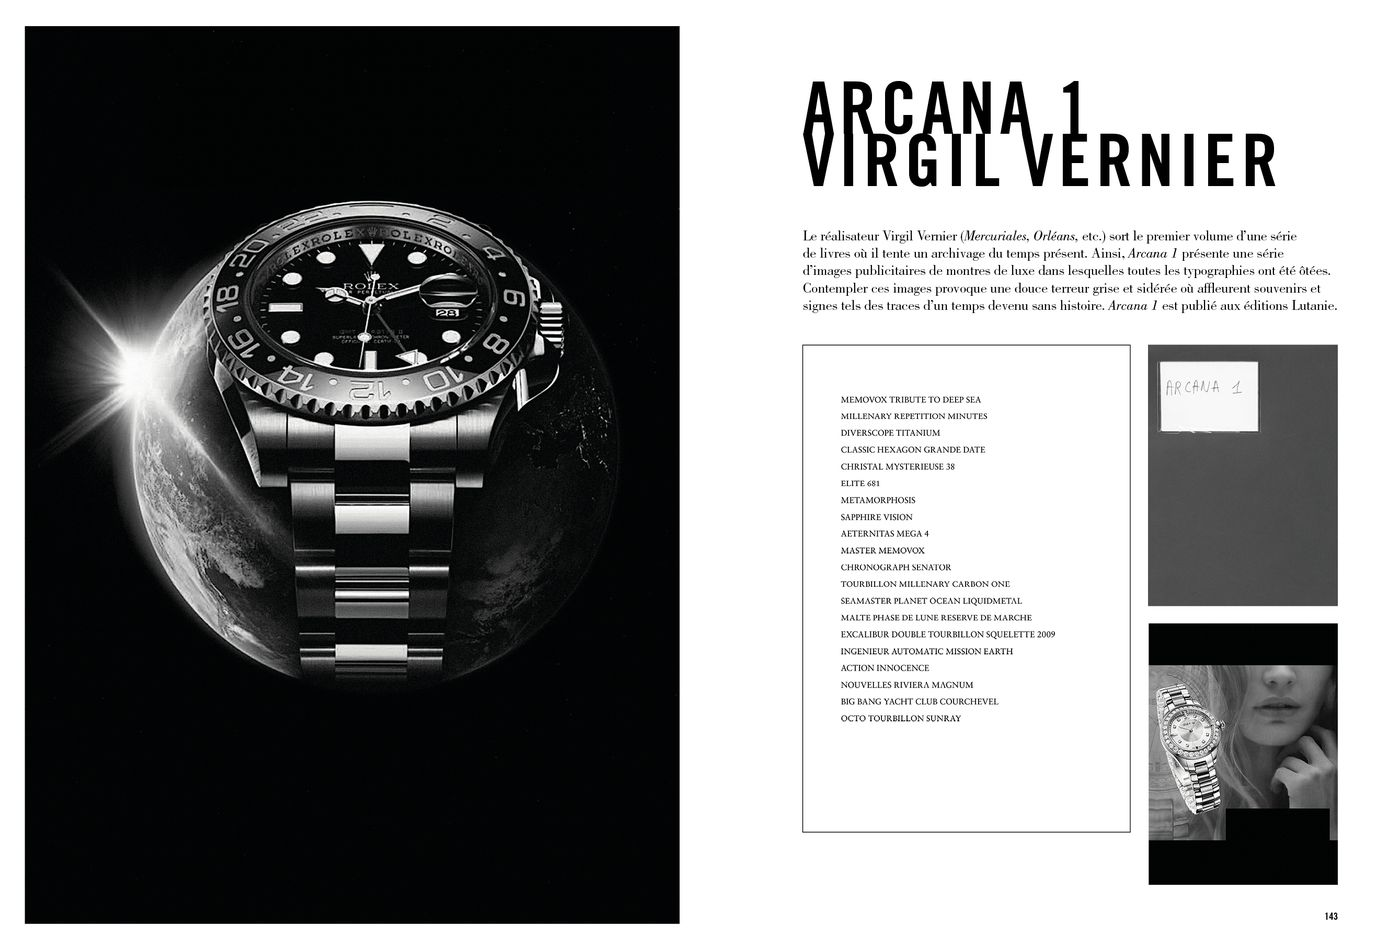 Possession Immédiate Volume 5 - Livre de Virgil Vernier, Arcana 1